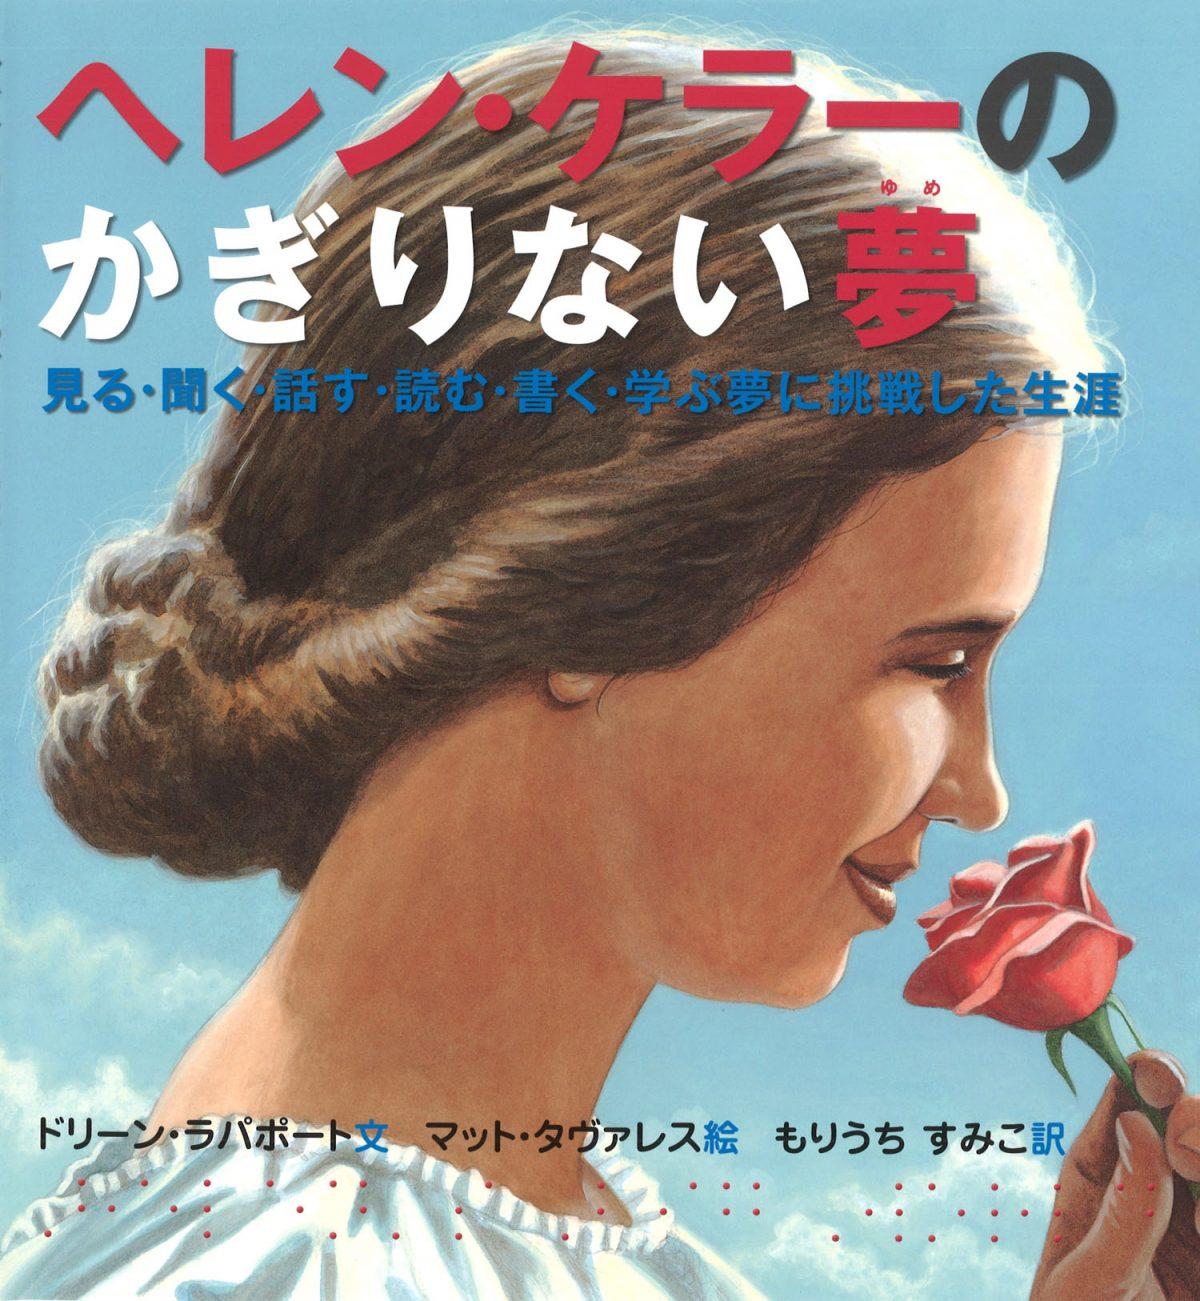 絵本「ヘレン・ケラーのかぎりない夢 見る・聞く・話す・読む・書く・学ぶ夢に挑戦した生涯」の表紙